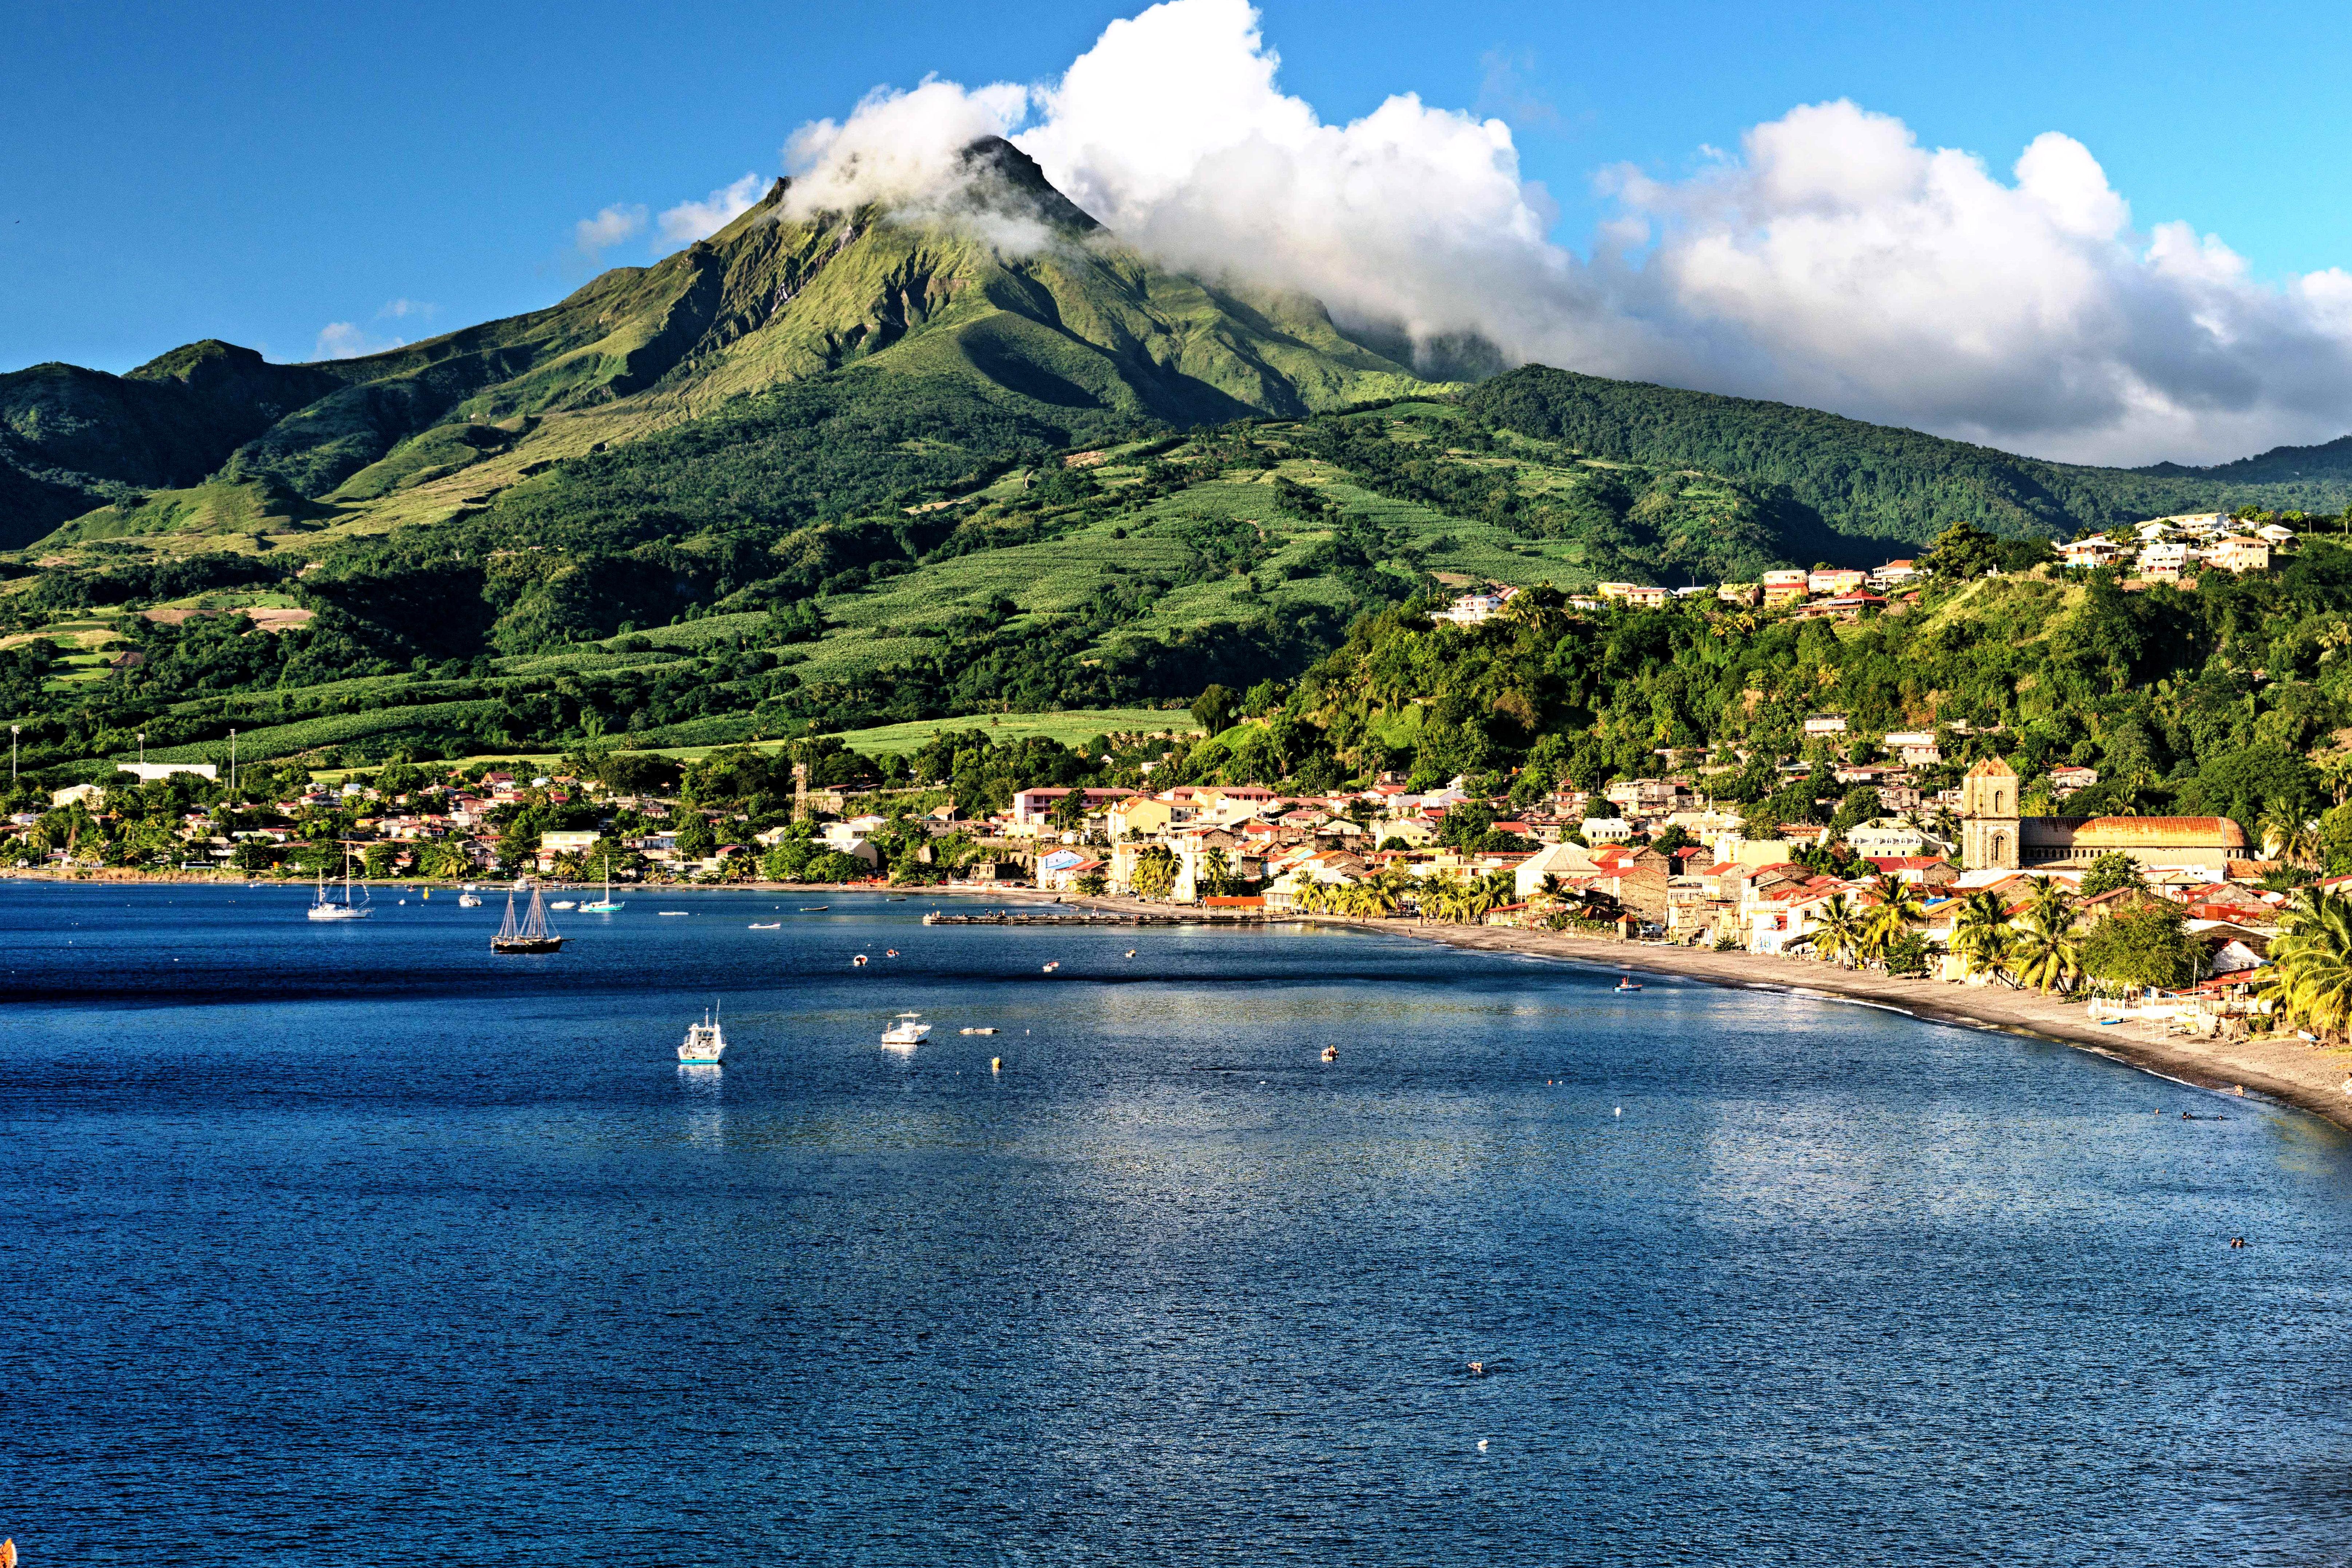 Остров Мартиника, особенности отдыха и достопримечательности